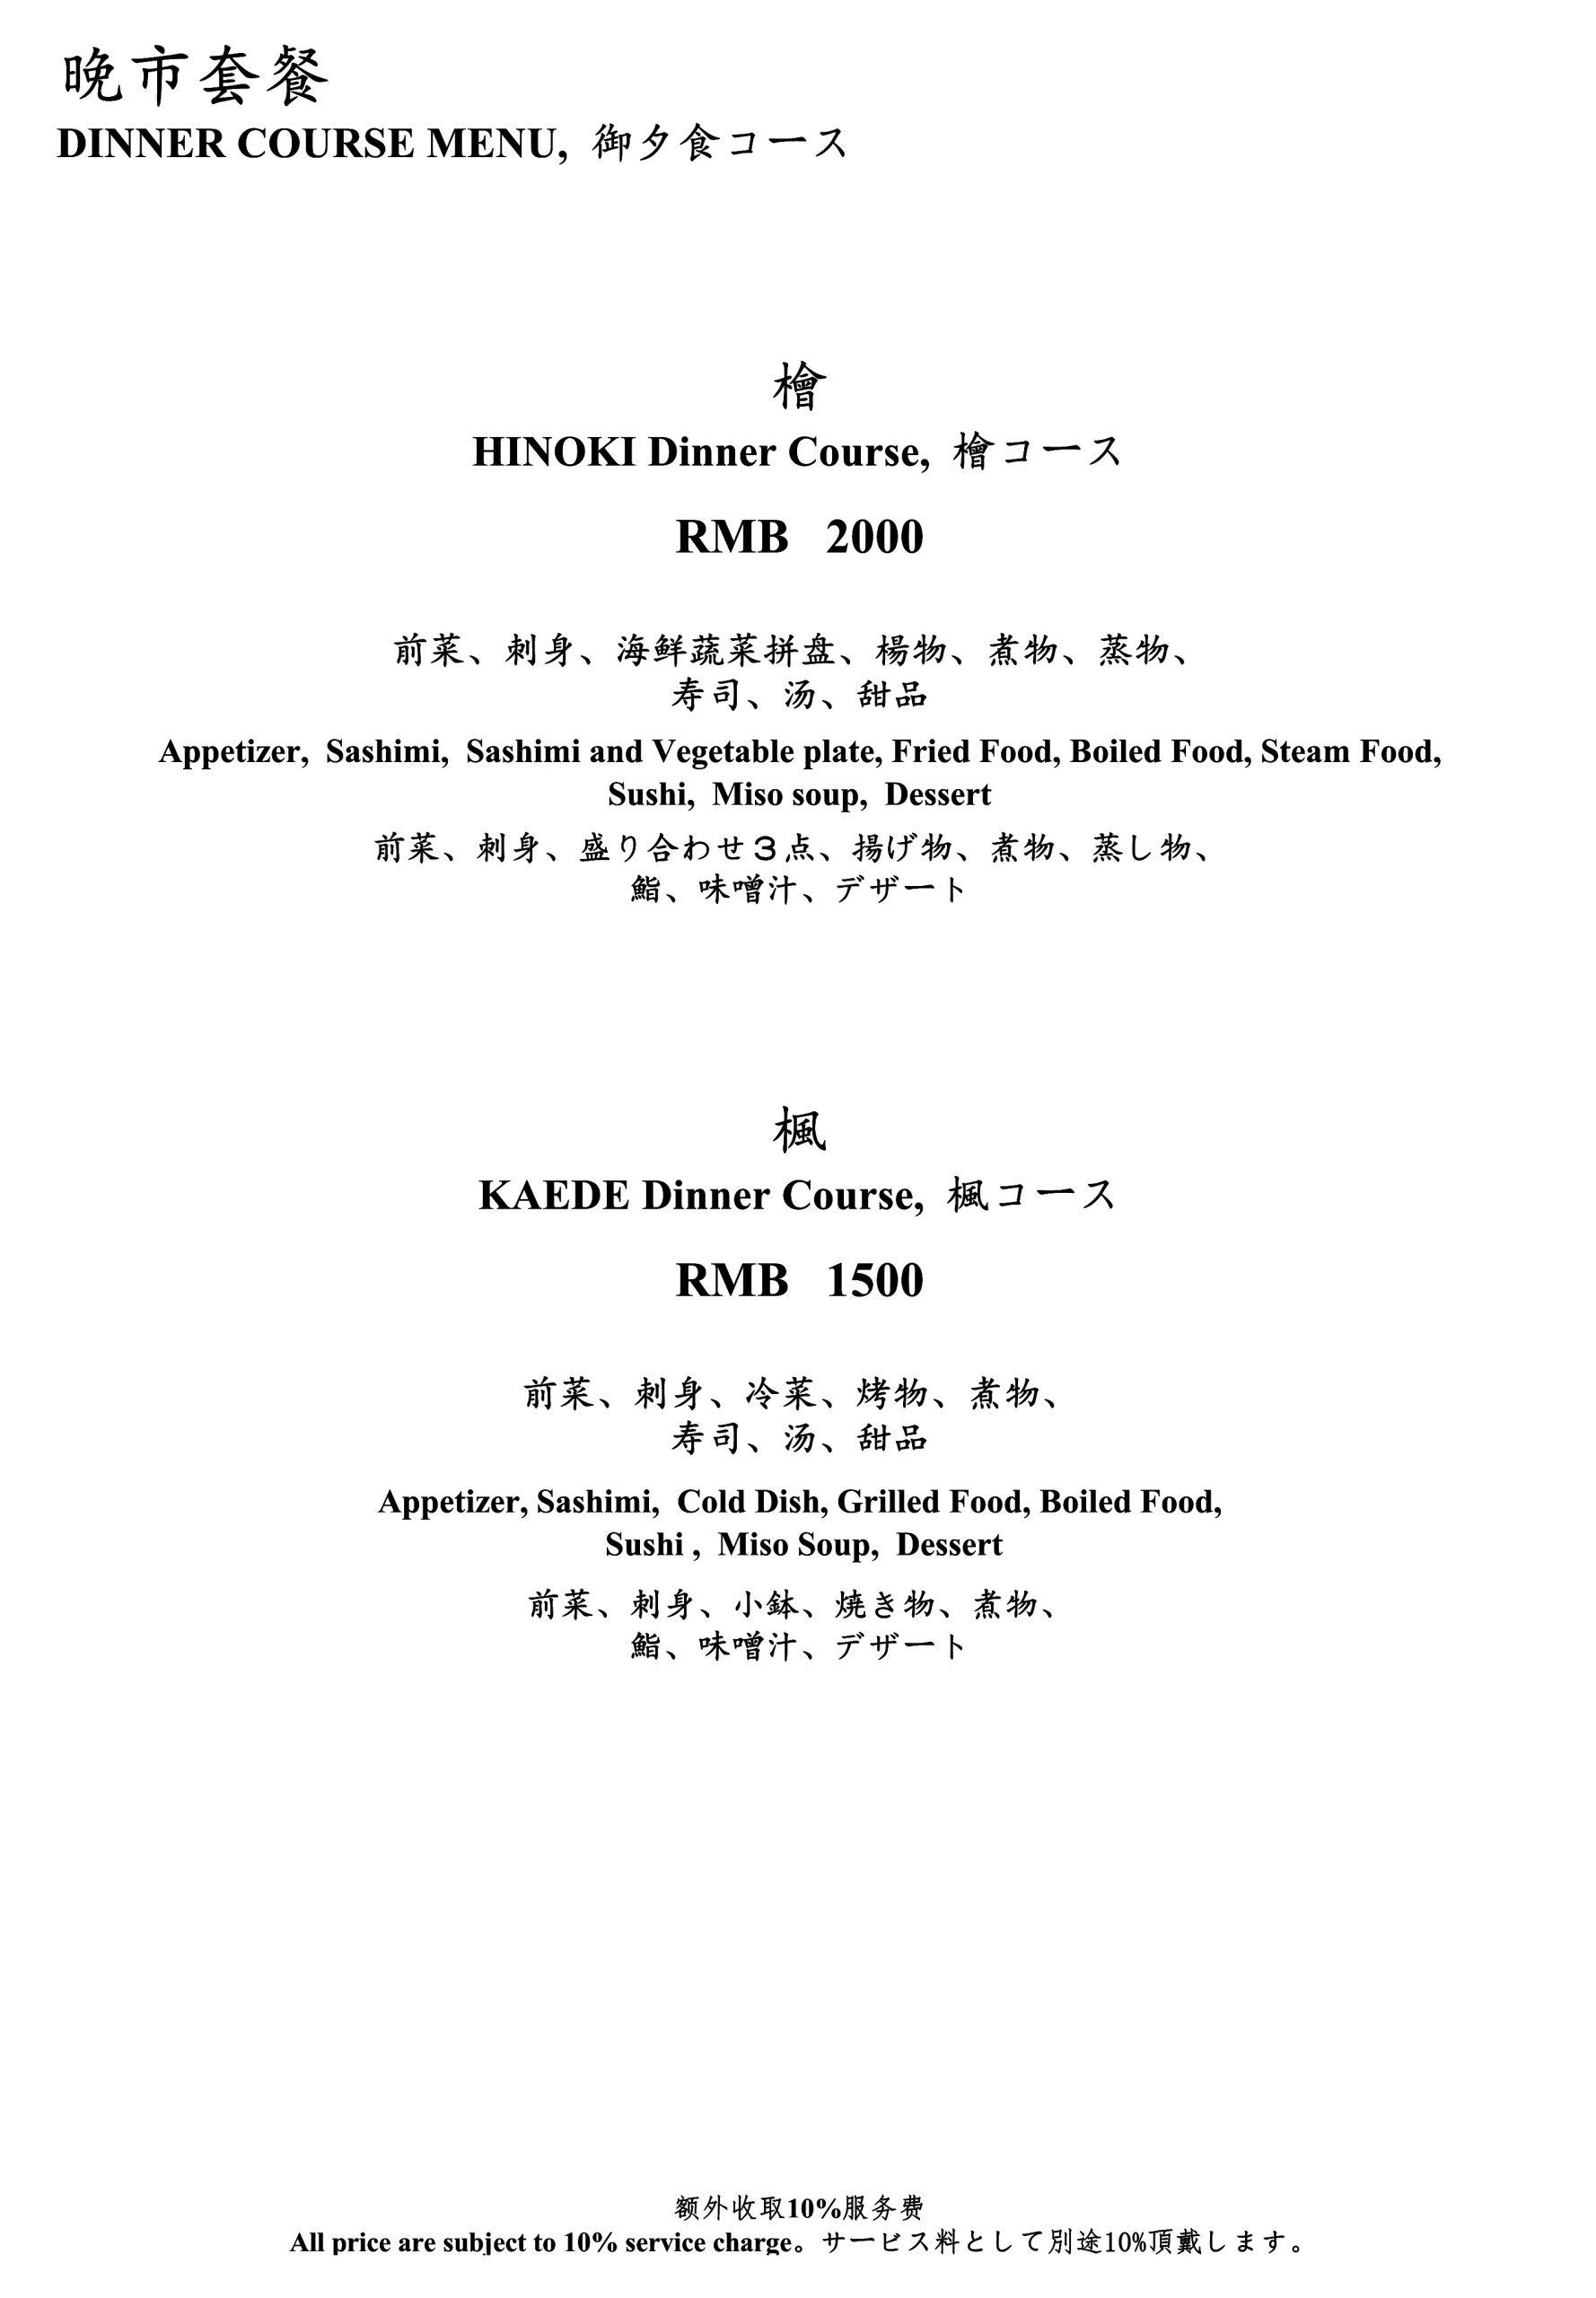 鮨 [上海店] ディナーメニュー3